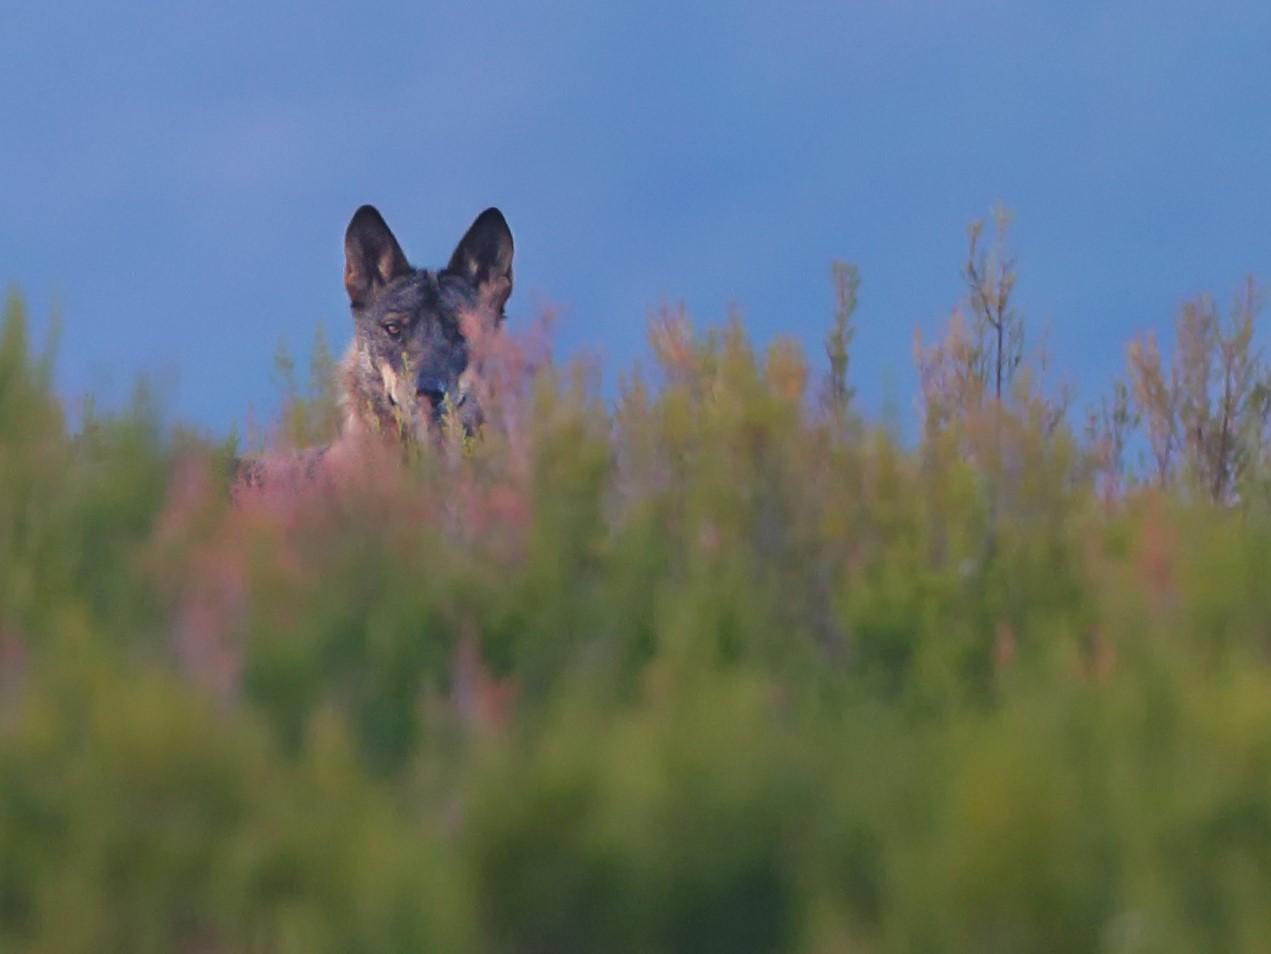 Novo Censo Nacional de Lobo-ibérico: Palombar fica responsável pelas ações no Nordeste